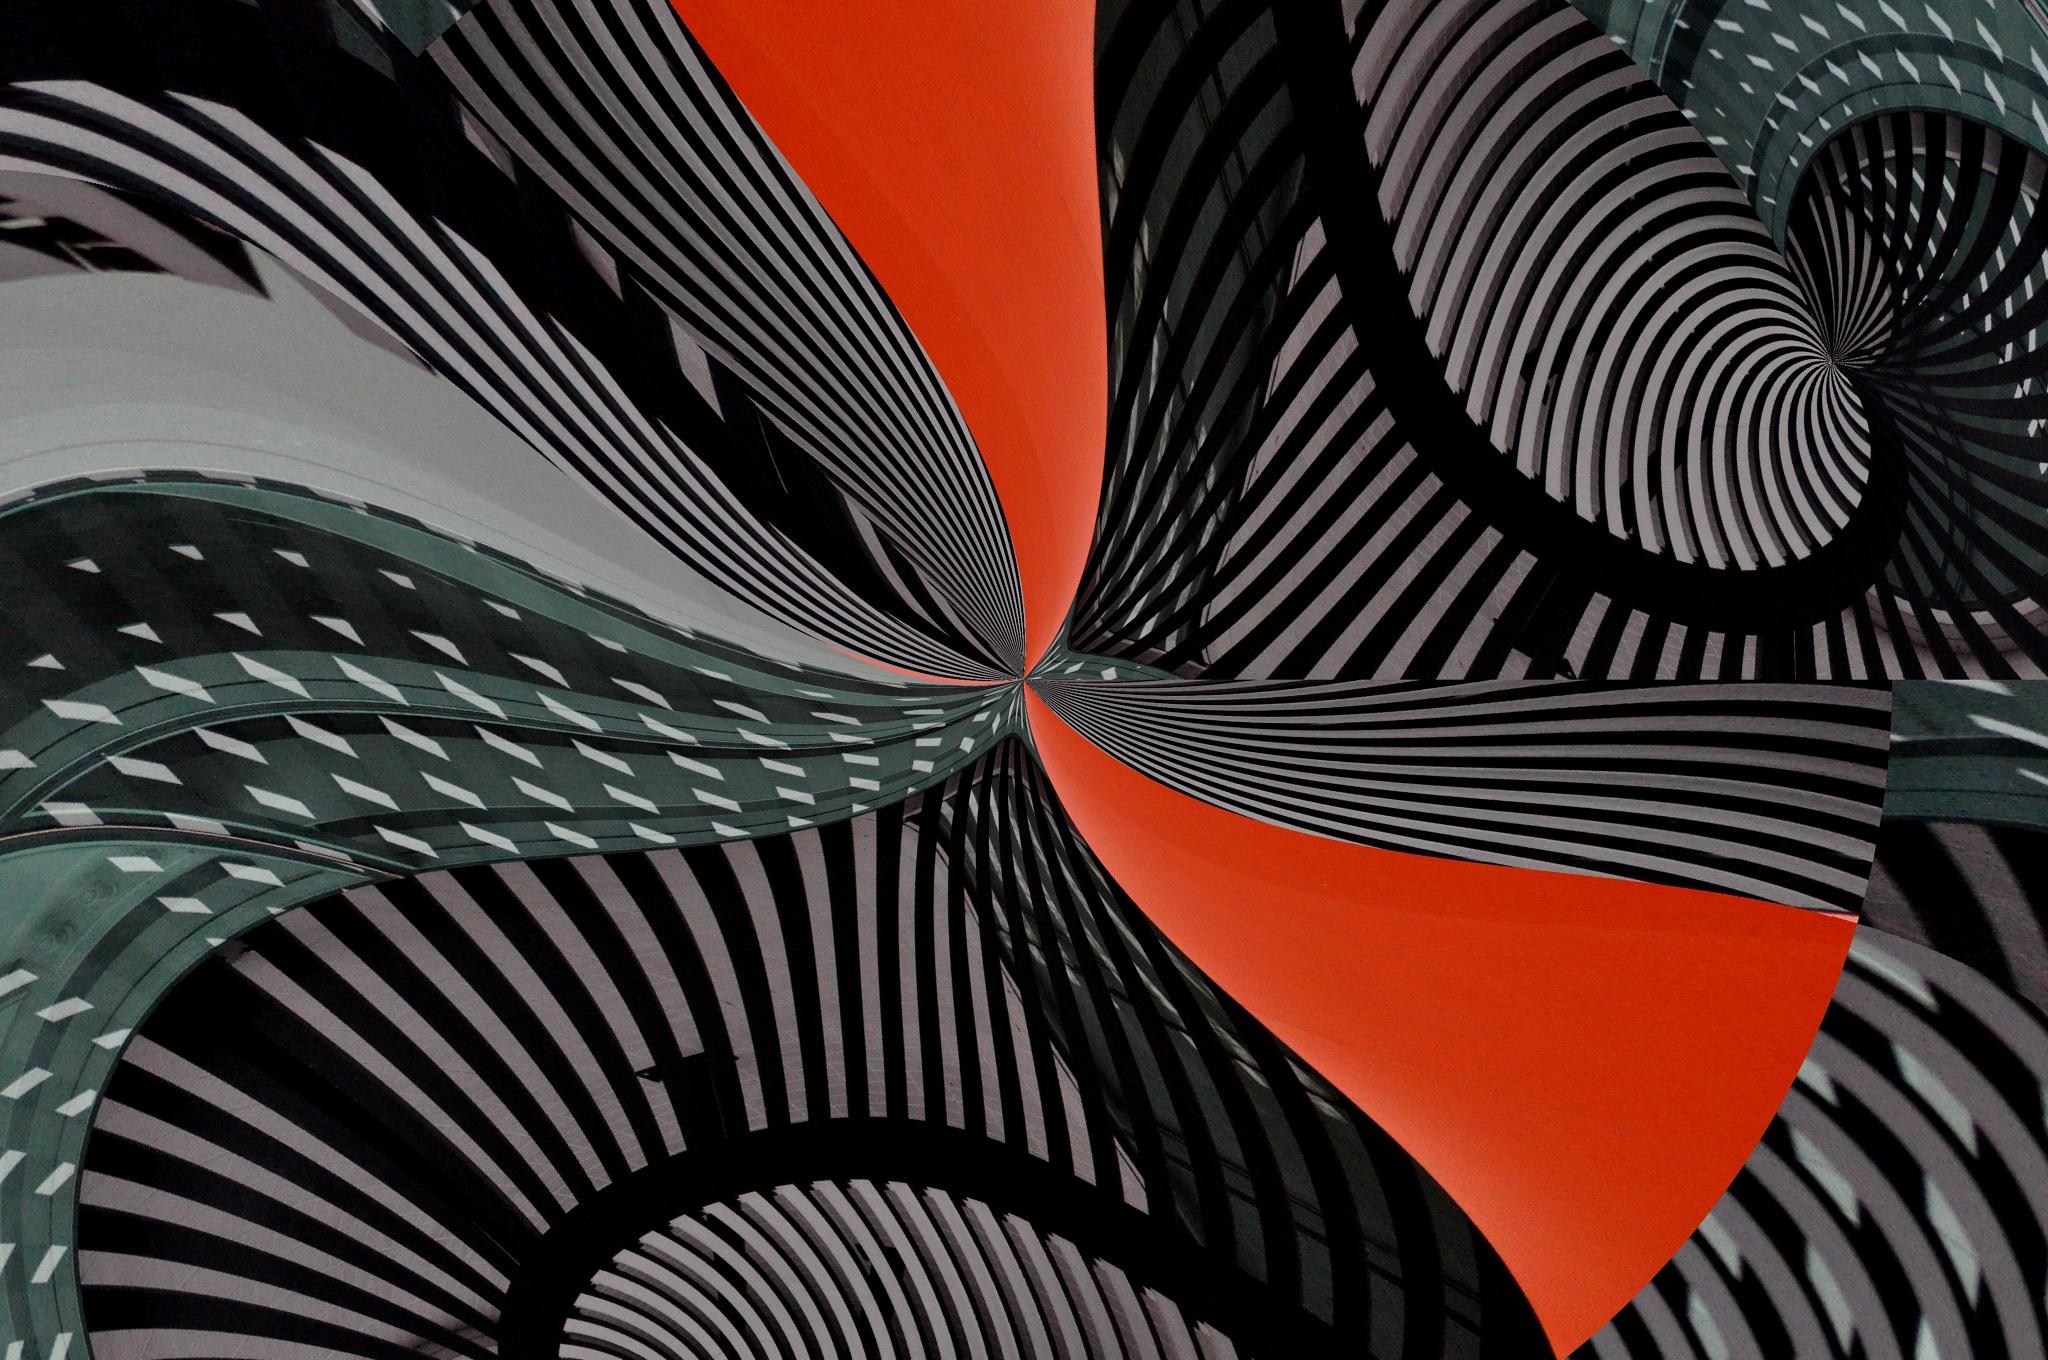 Randon Lines  by José Evaldo Suassuna de Oliveira